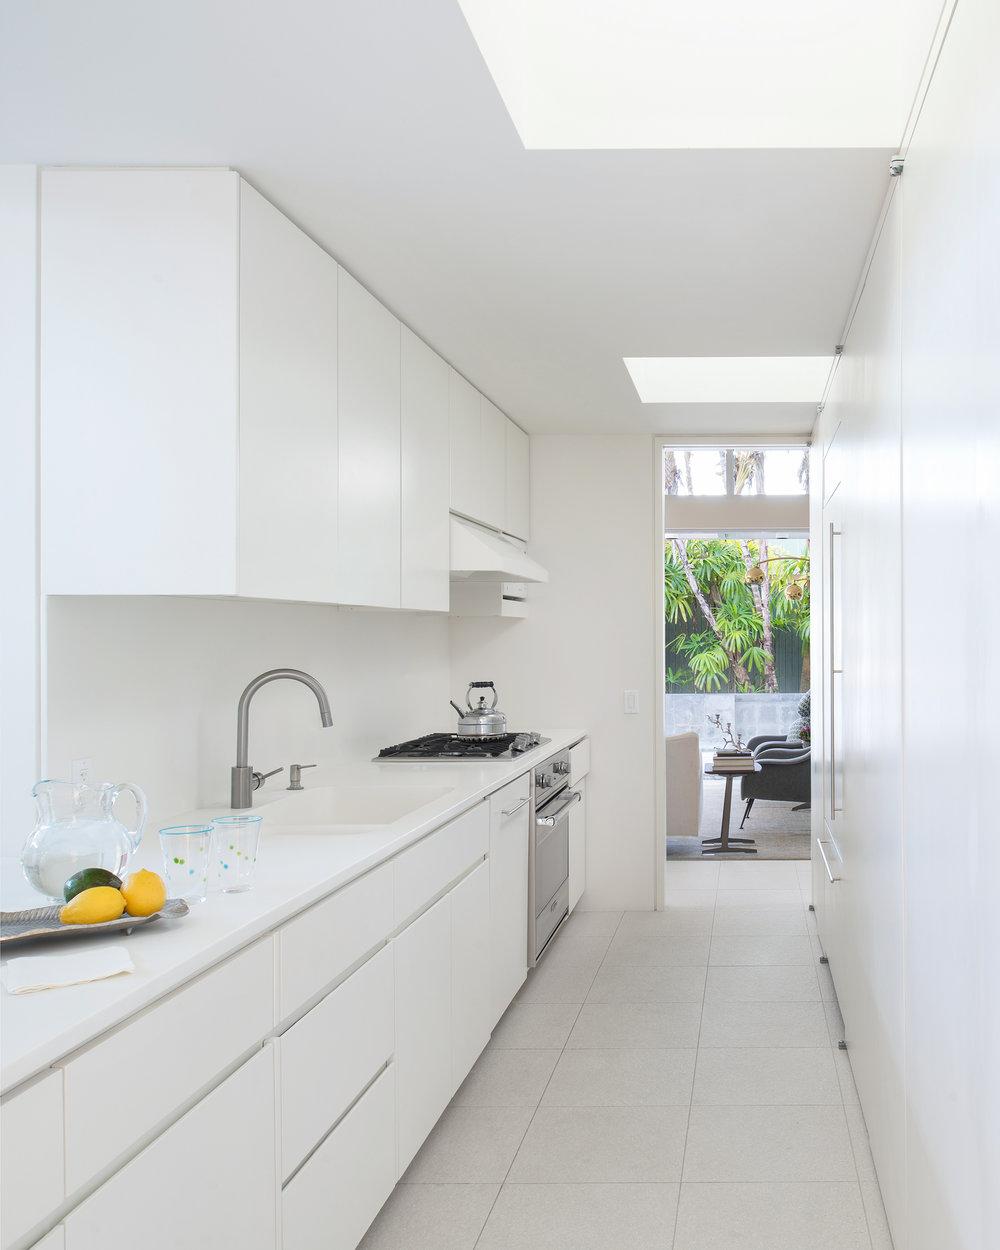 William-Rupp-Pavilion-House---Interior---Kitchen.jpg